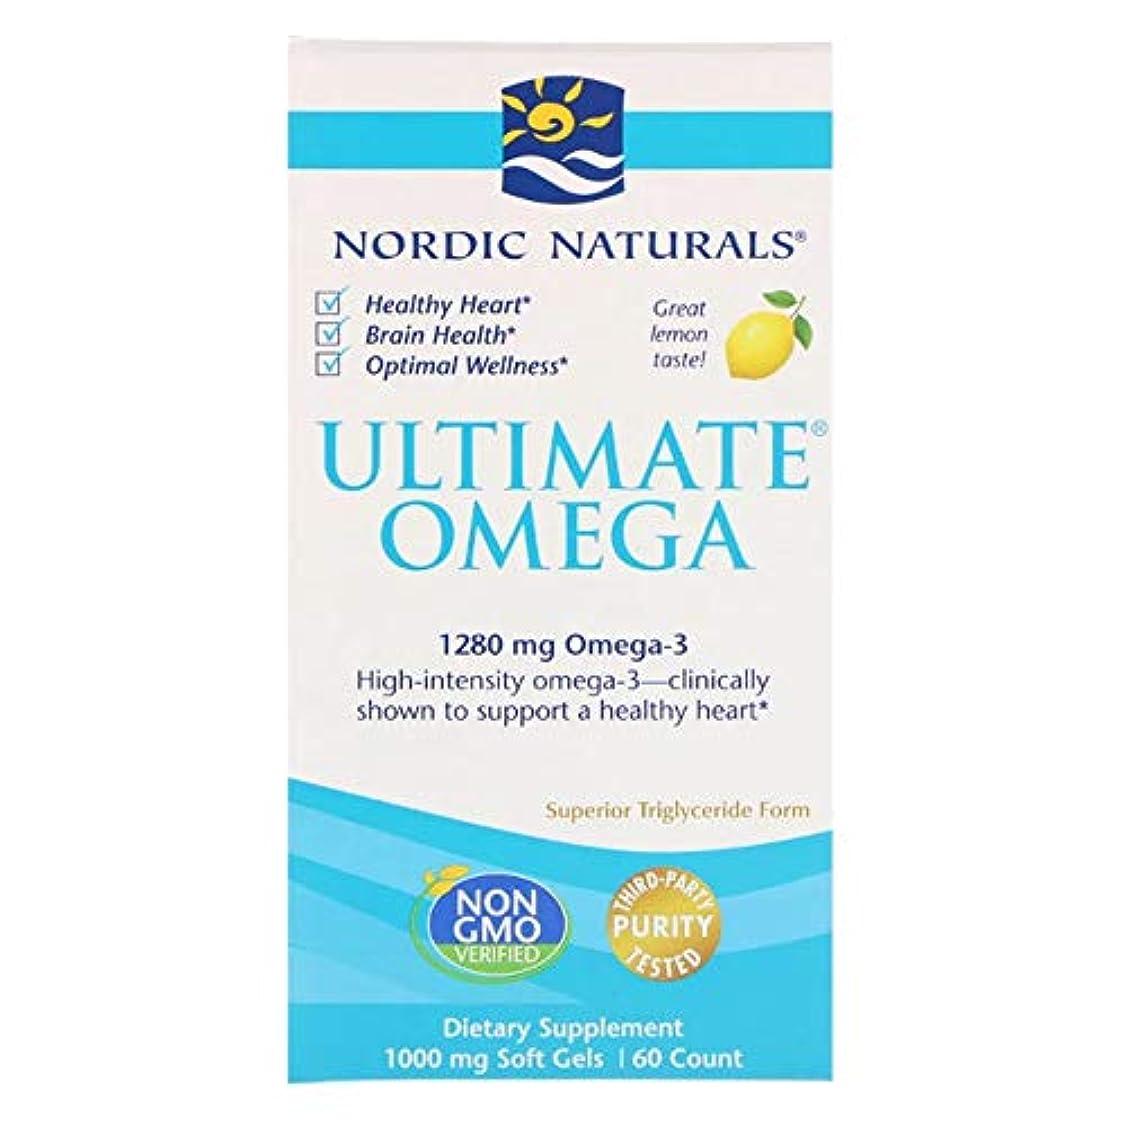 安全足音朝の体操をするNordic Naturals 究極のオメガ レモン 1280 mg 60ソフトゼリー 【アメリカ直送】